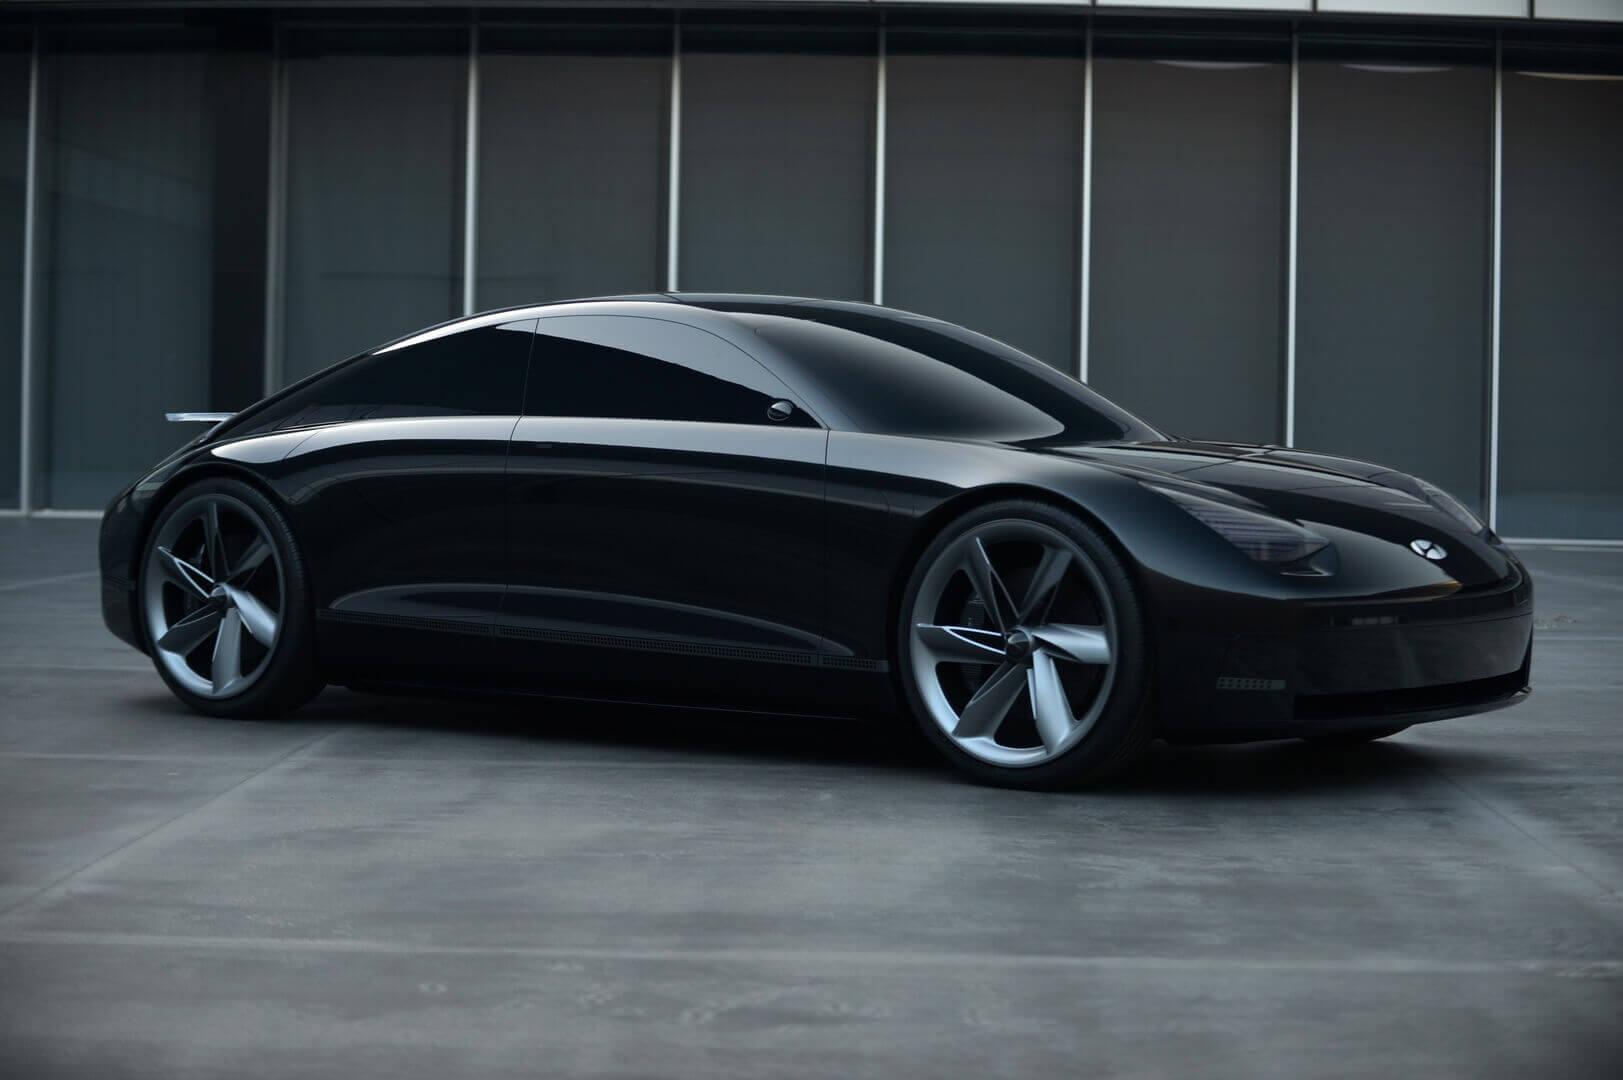 Екстер'єр Hyundai Prophecy: втілення «Чуттєвої спортивності»